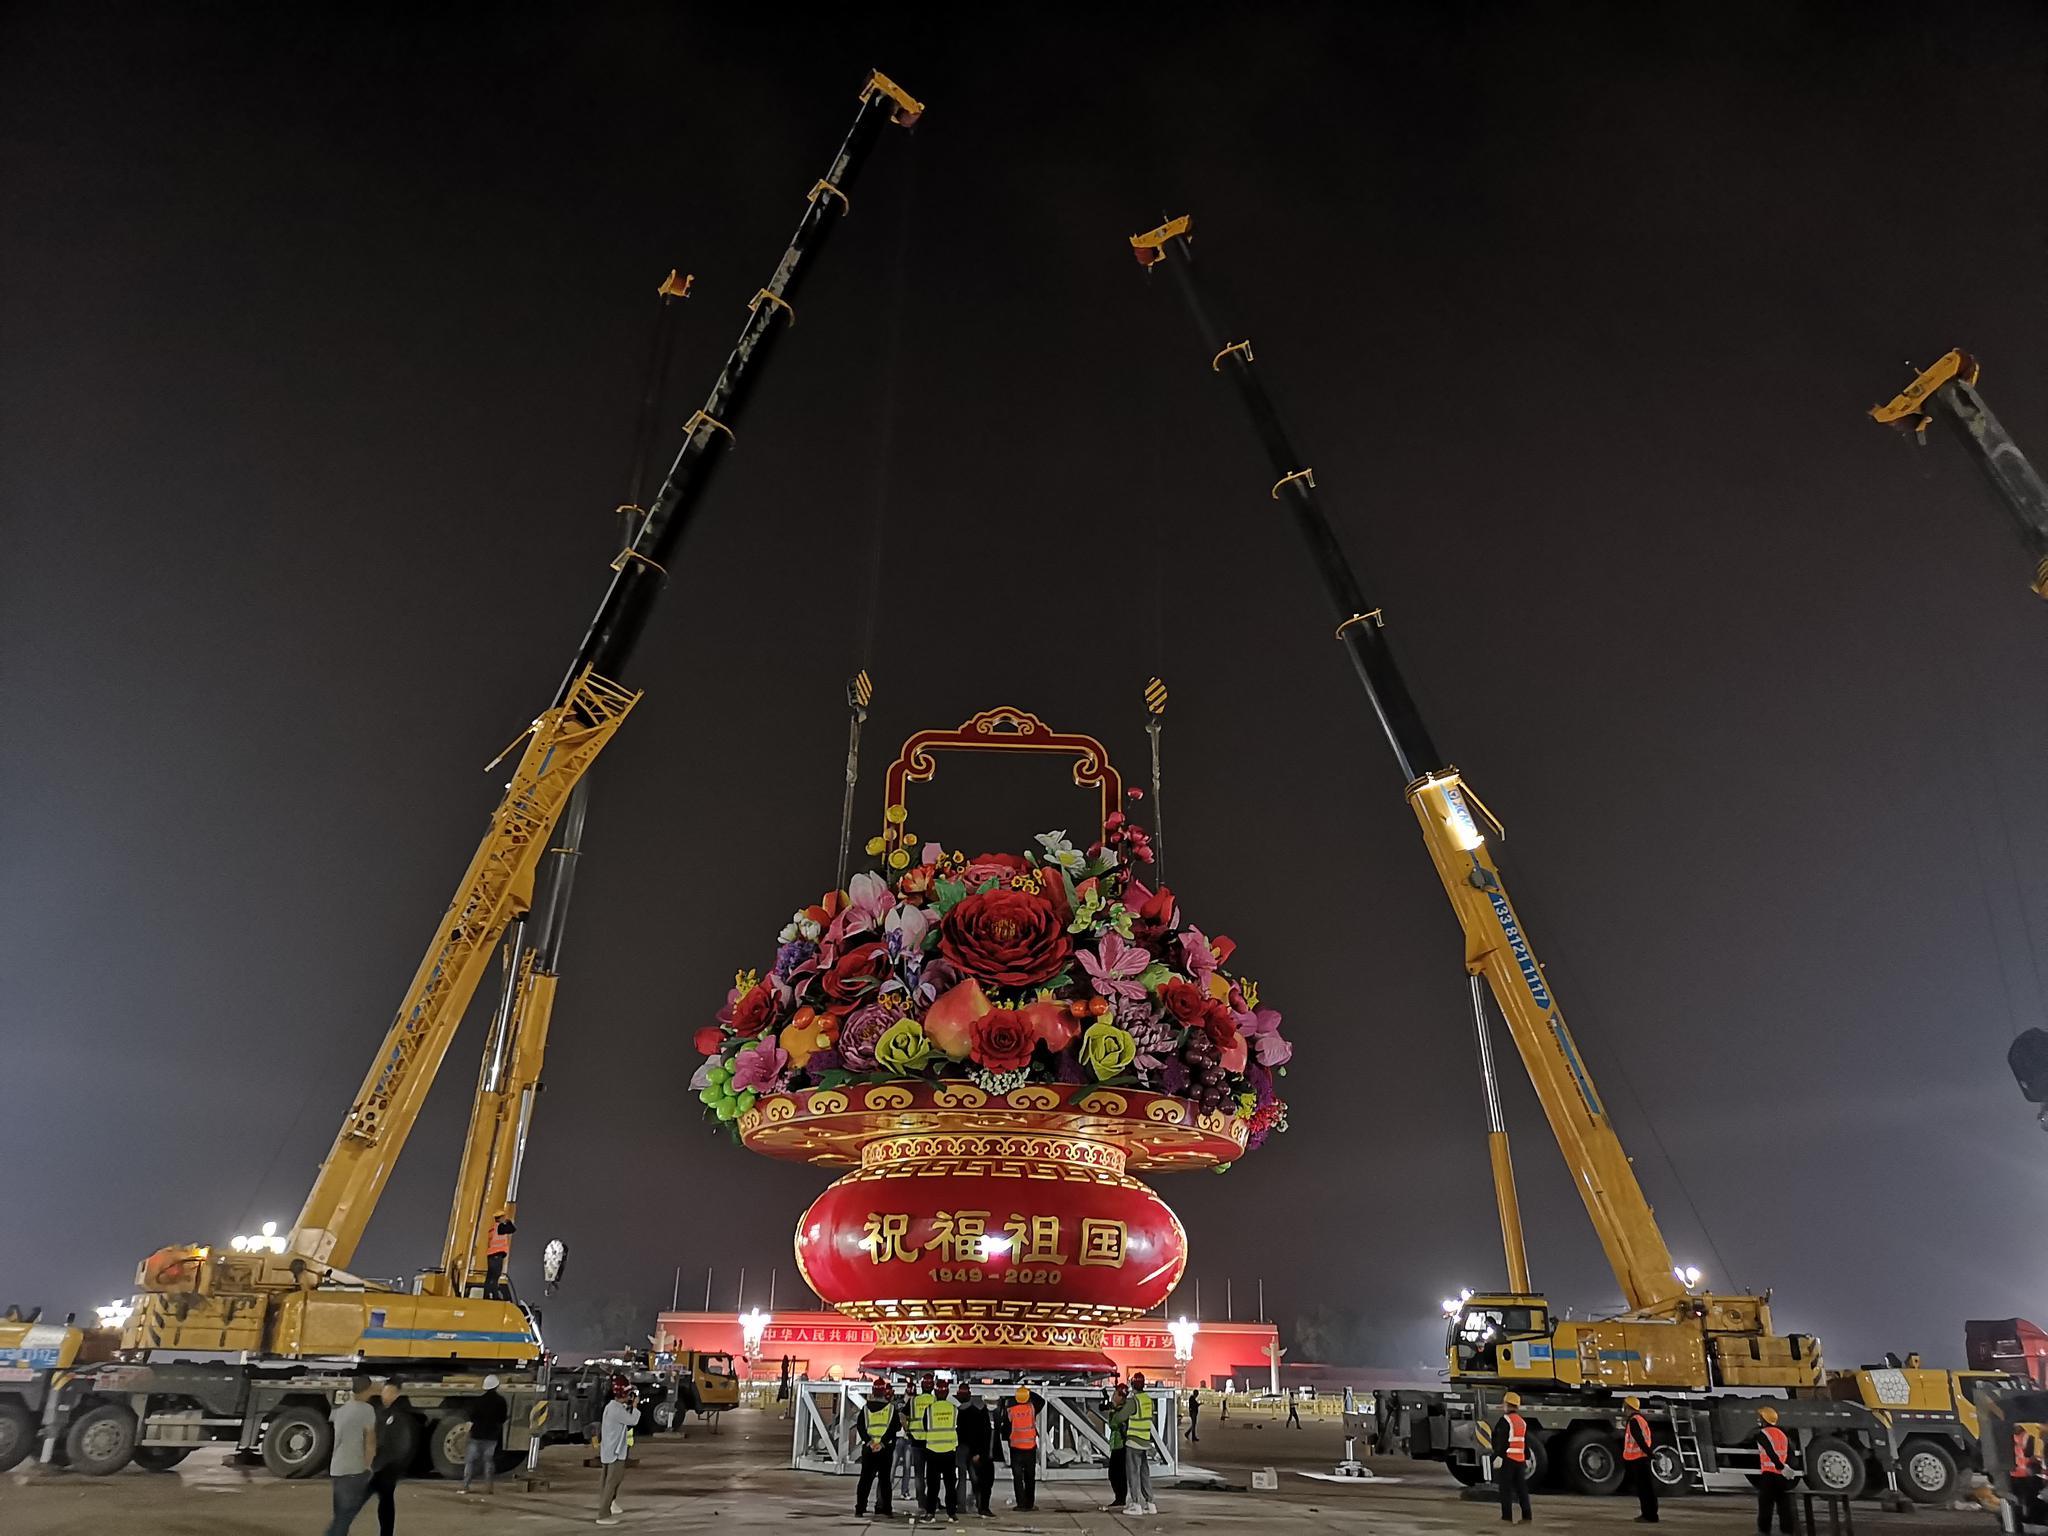 """一睹芳容!天安门广场""""祝福祖国""""大花篮来了"""